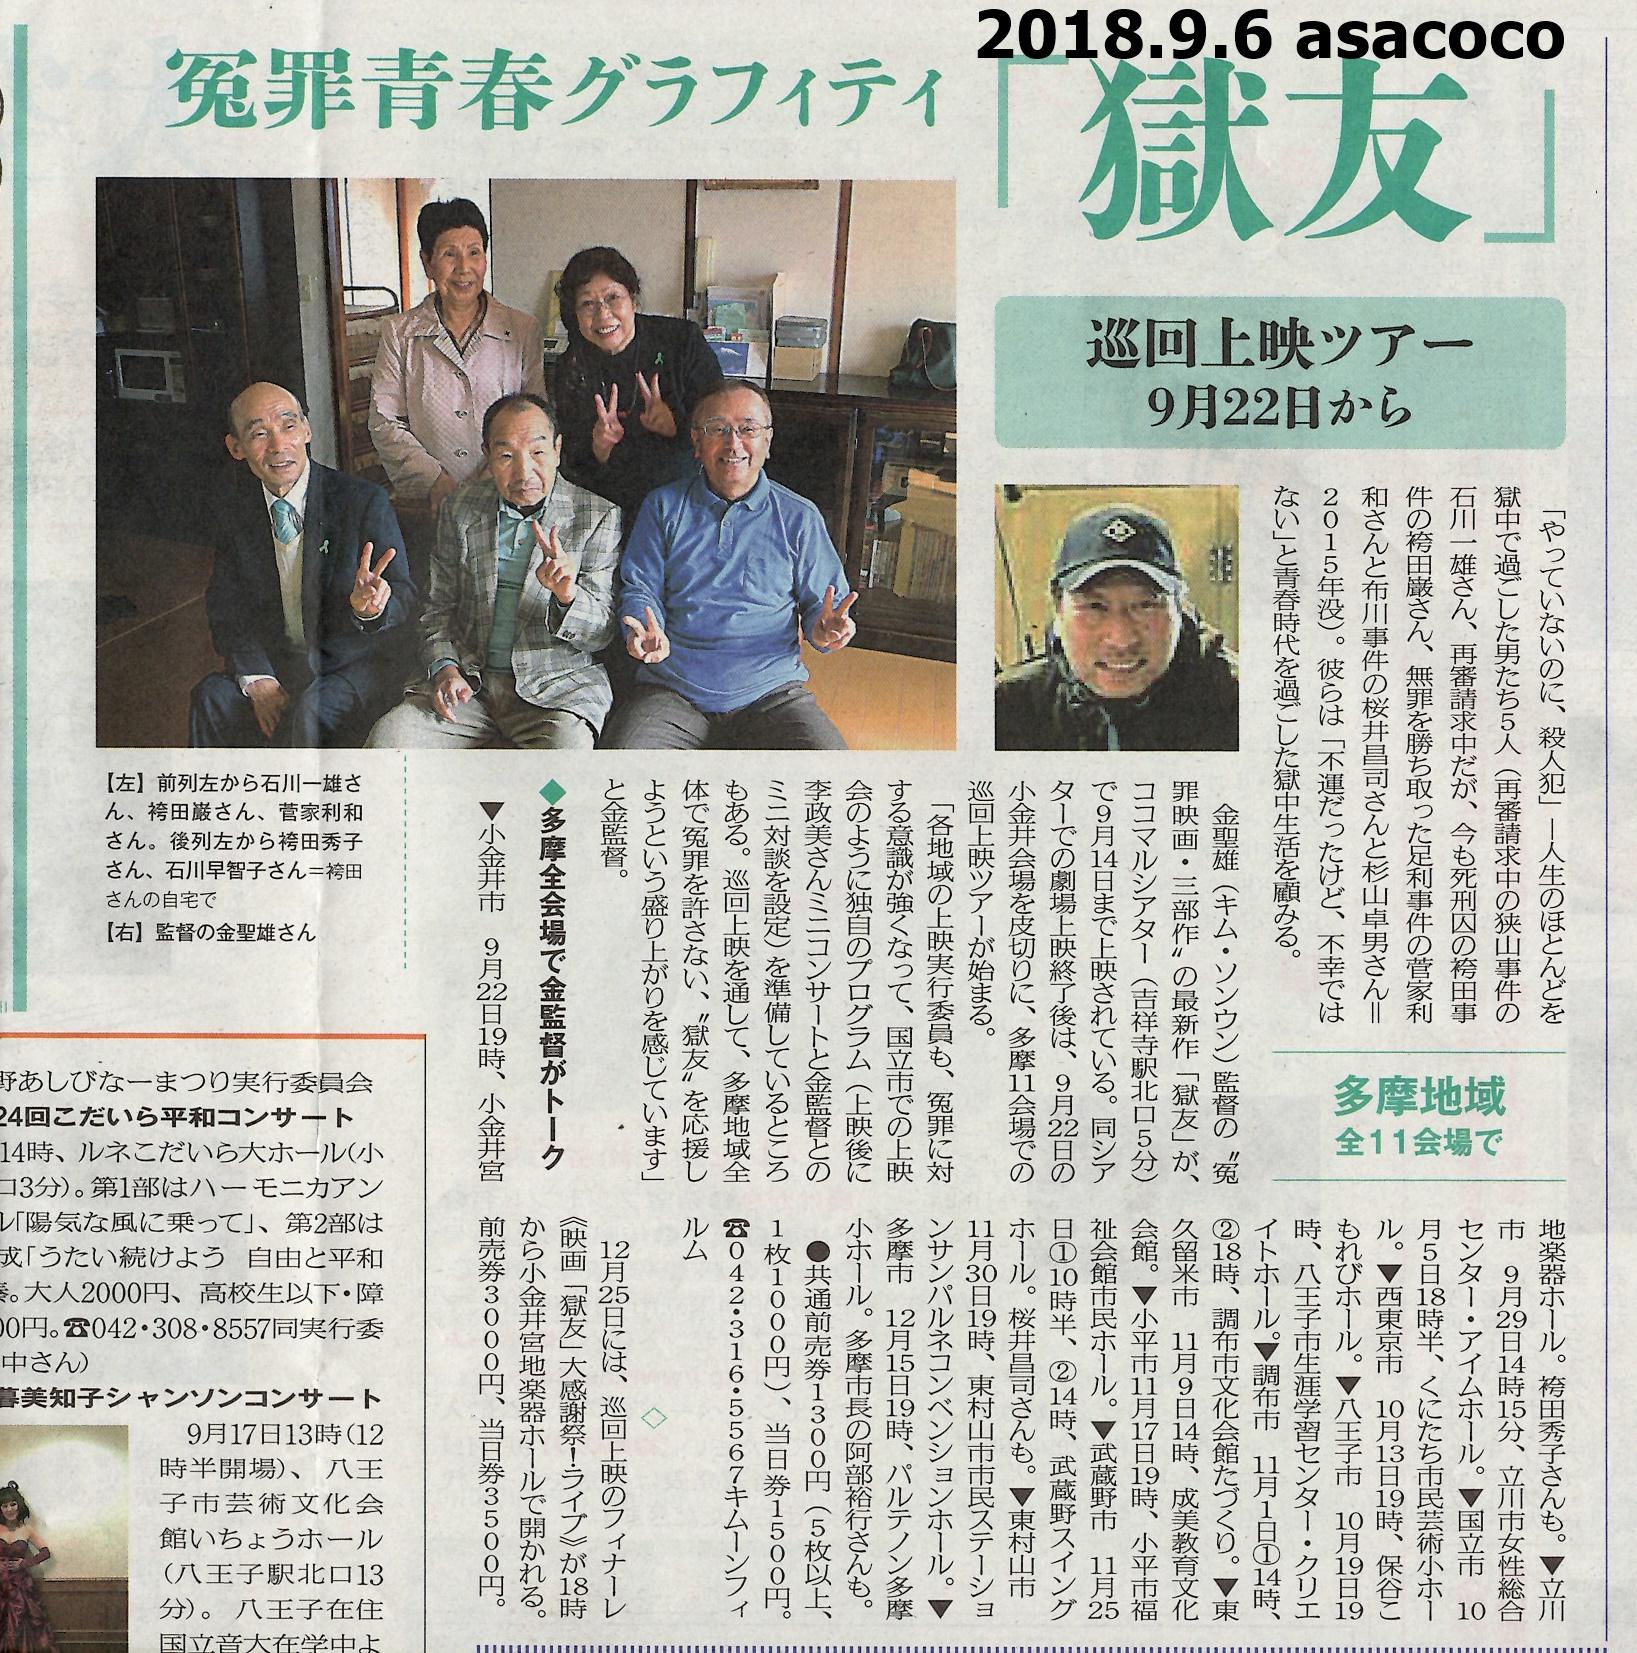 asacoco 2018.9.6